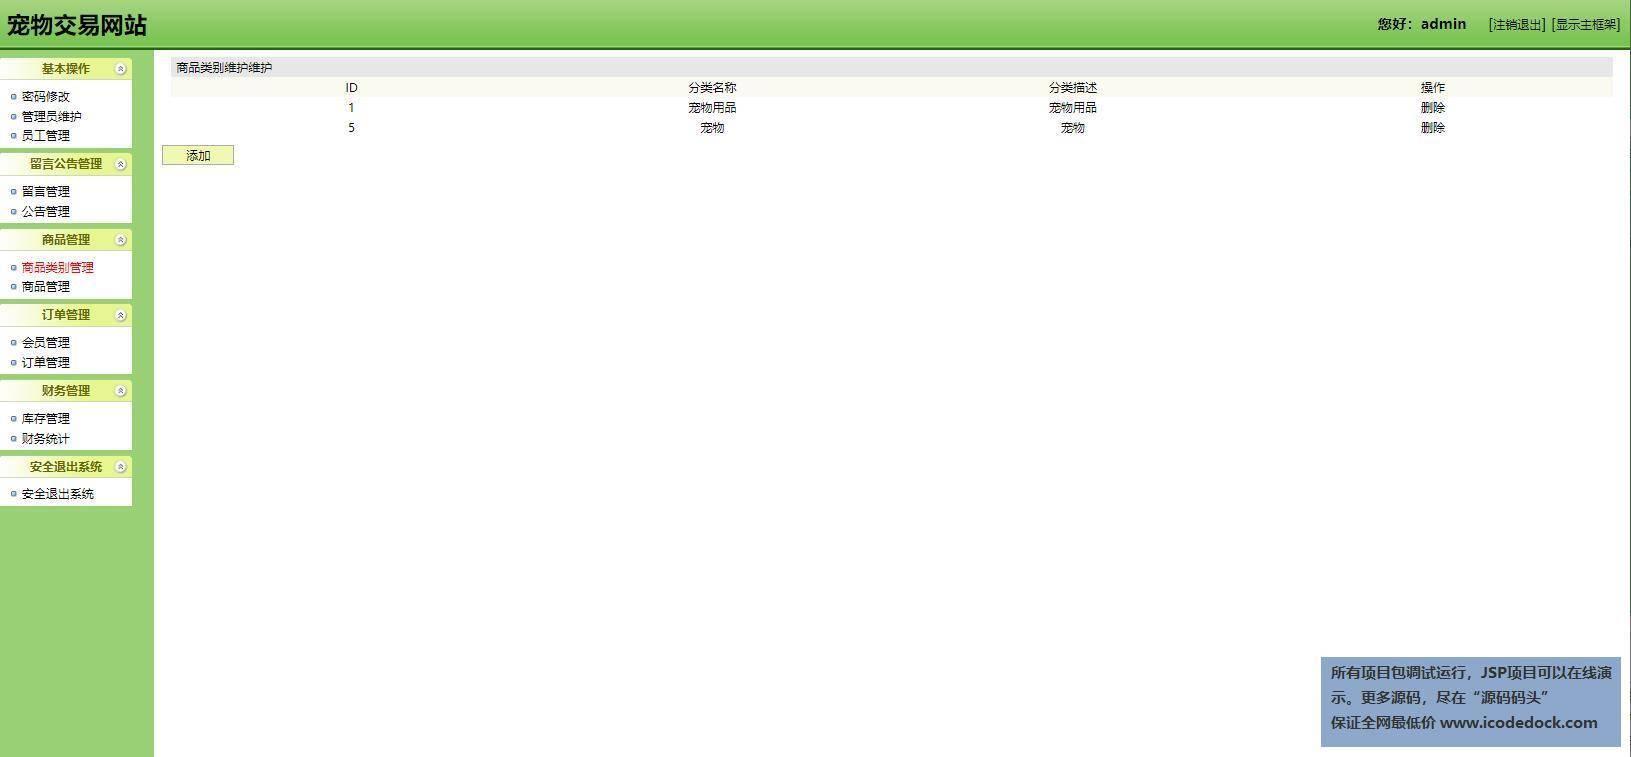 源码码头-SSH宠物交易管理系统-管理员角色-商品和类别管理